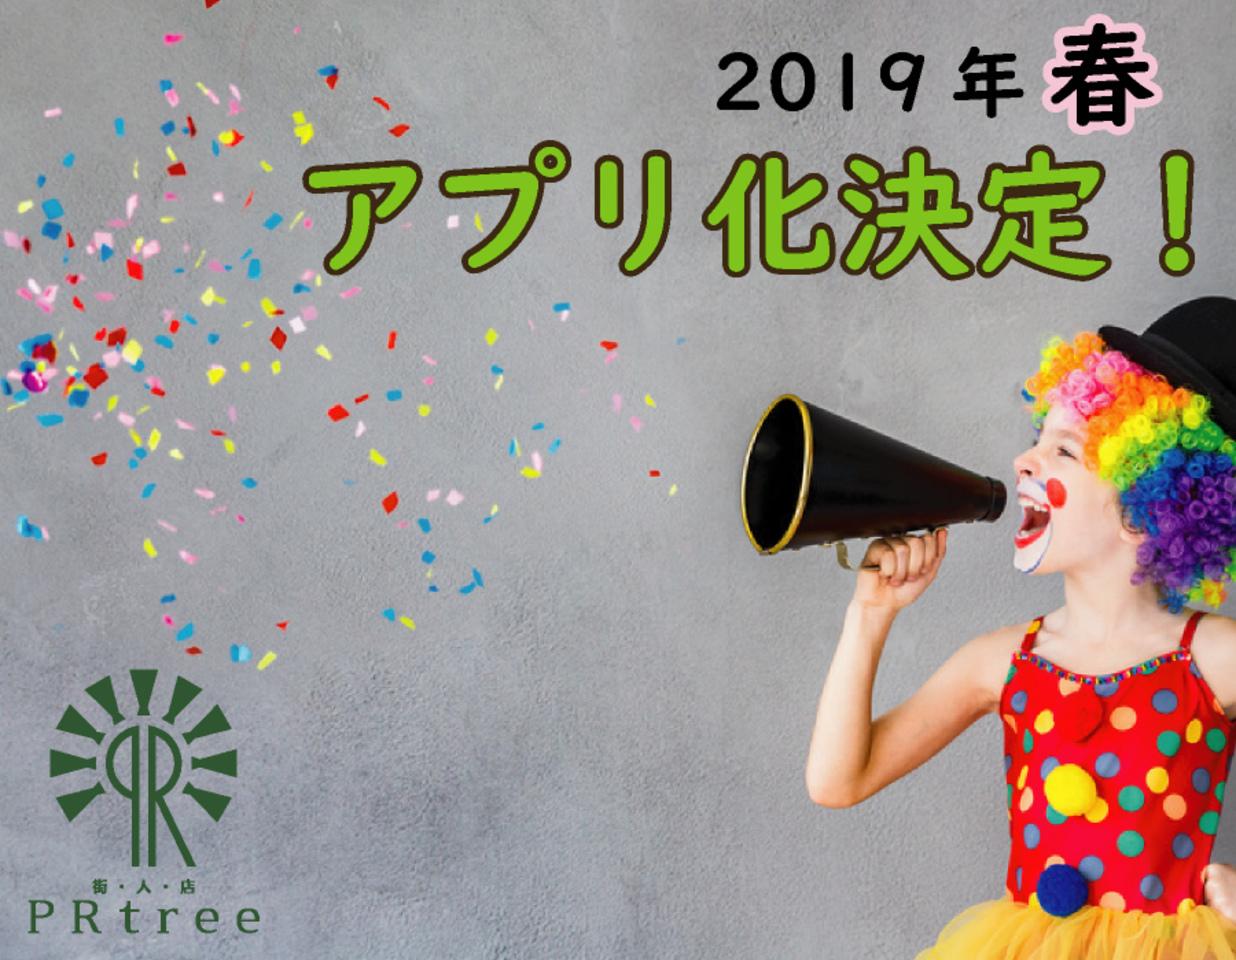 2019年春 PRtreeアプリ化 決定!